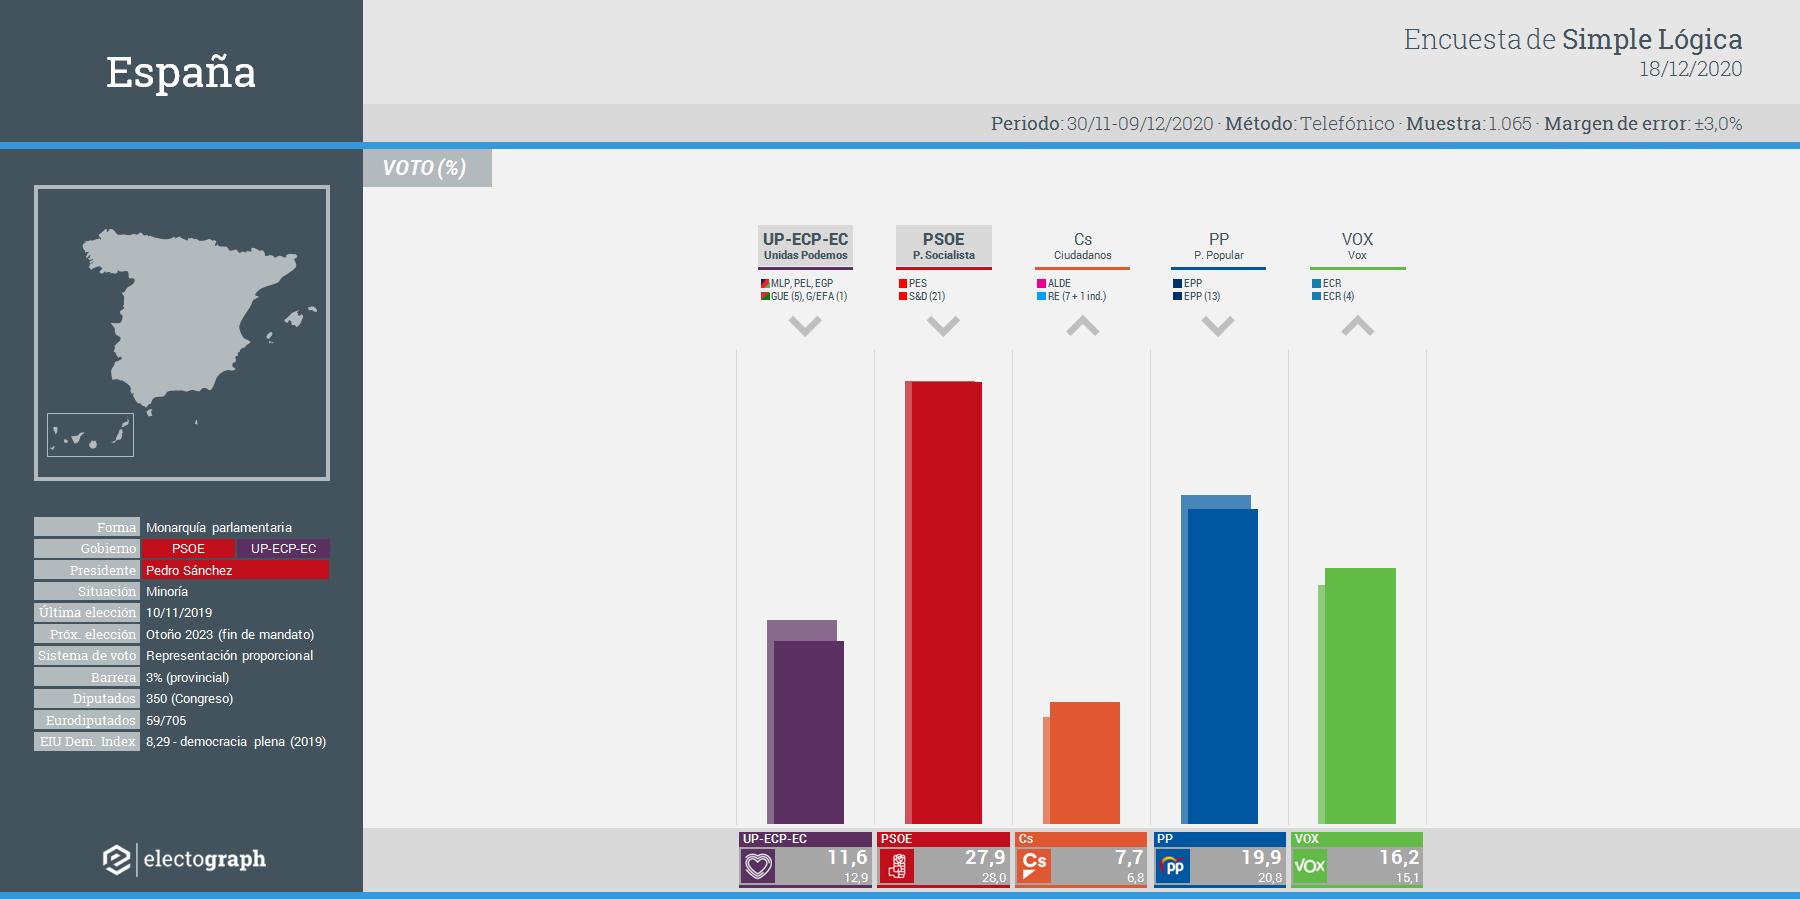 Gráfico de la encuesta para elecciones generales en España realizada por Simple Lógica, 18 de diciembre de 2020